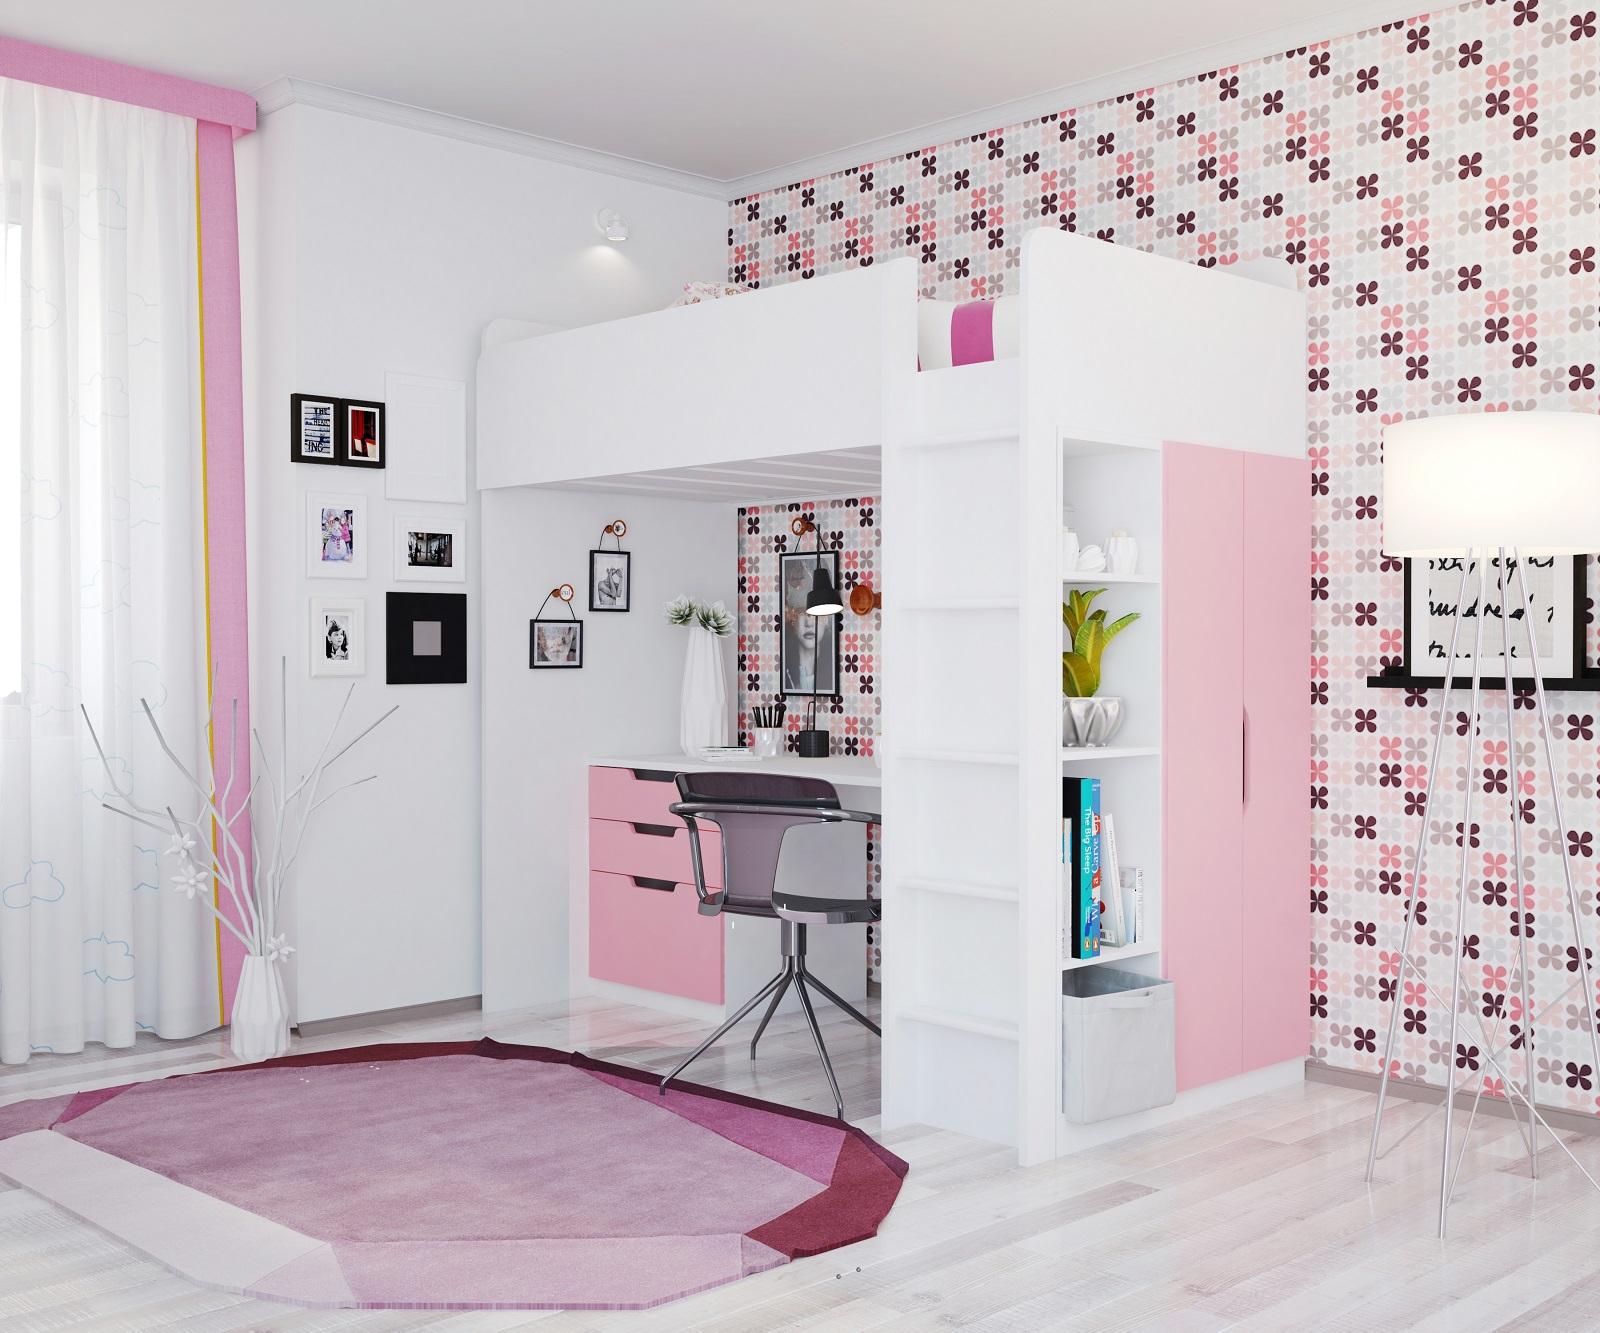 polini kids kinder hochbett mit kleiderchrank regal und. Black Bedroom Furniture Sets. Home Design Ideas